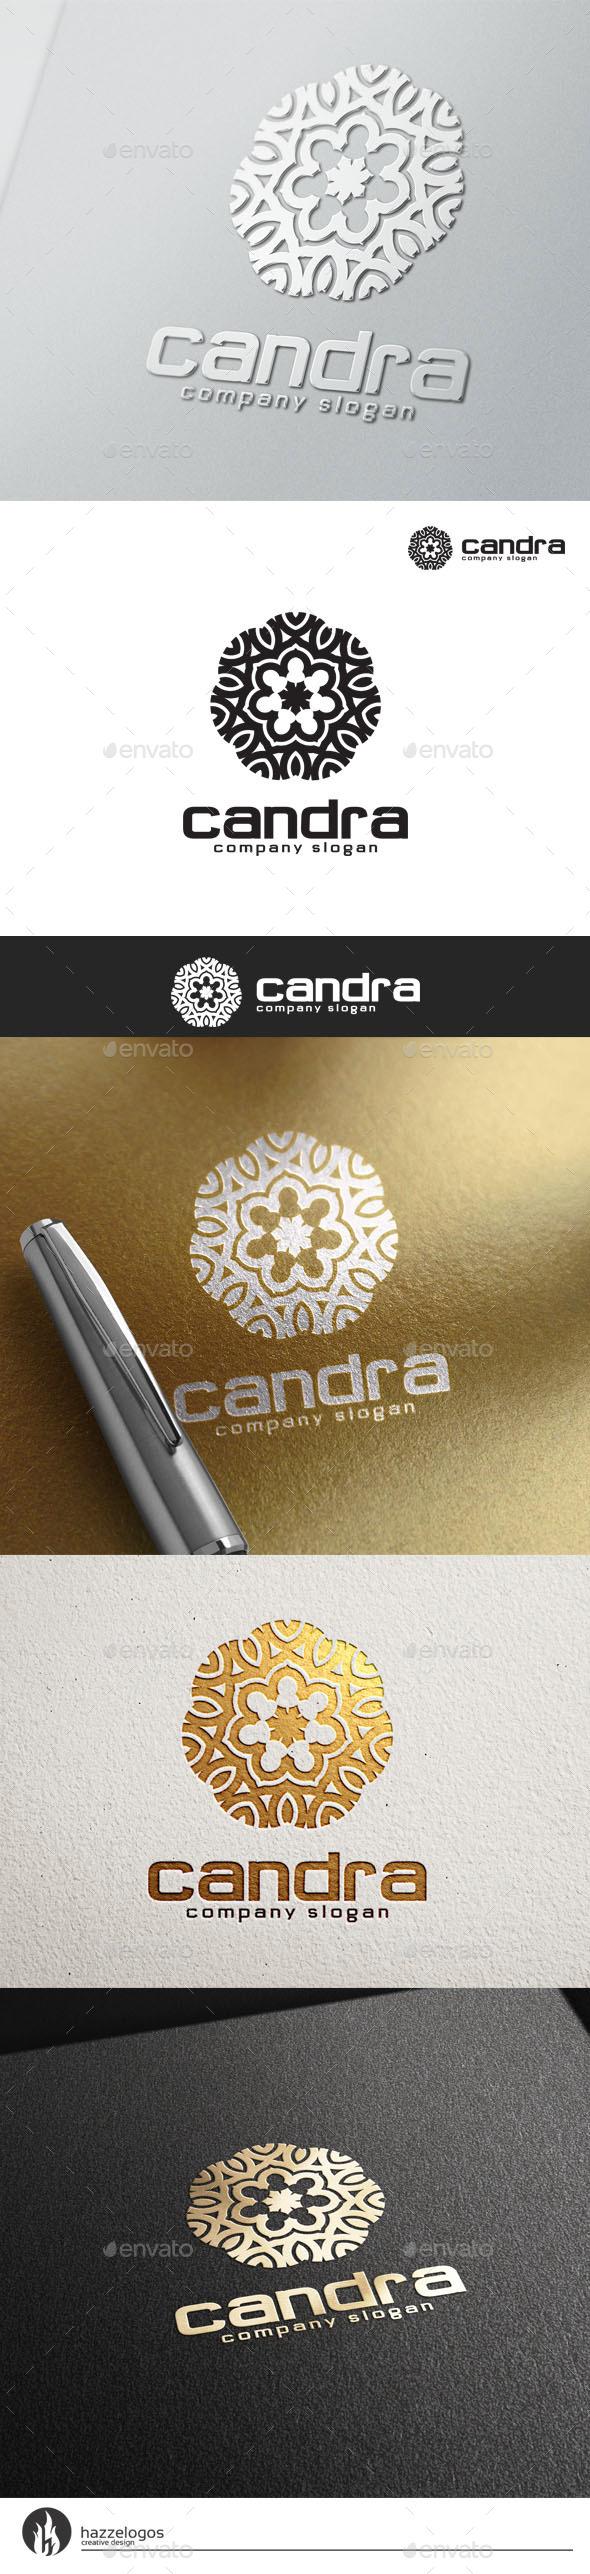 GraphicRiver Candra Logo 10646226